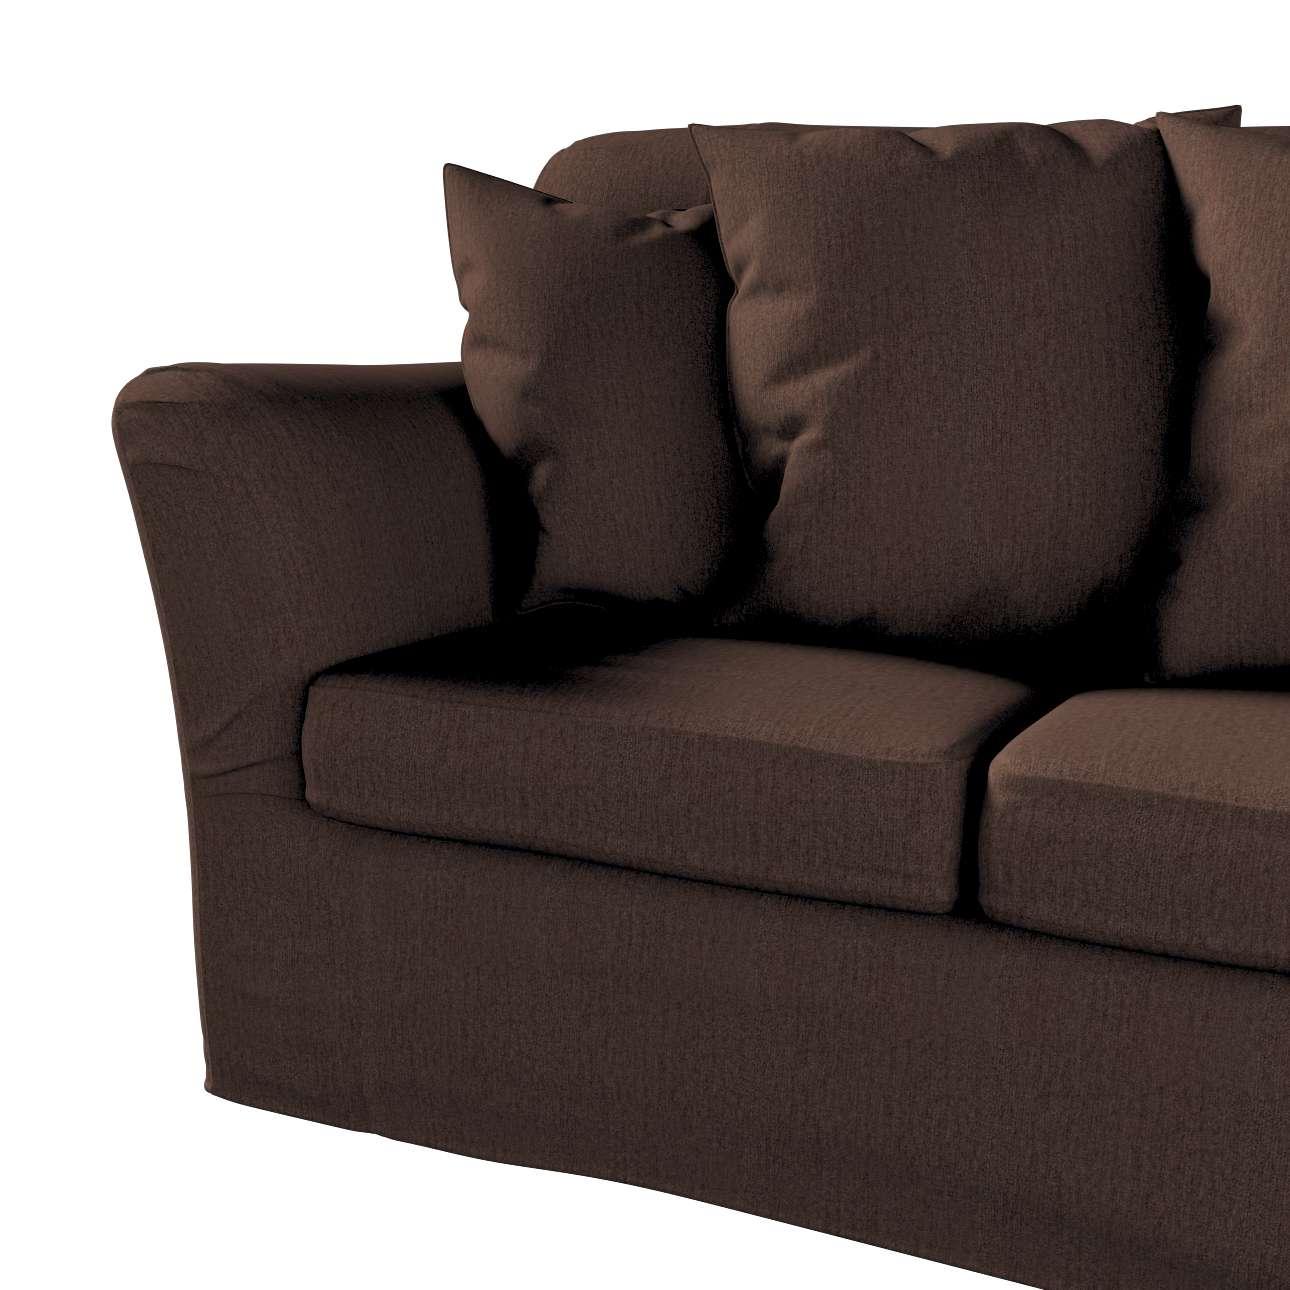 Pokrowiec na sofę Tomelilla 3-osobową nierozkładaną w kolekcji Chenille, tkanina: 702-18